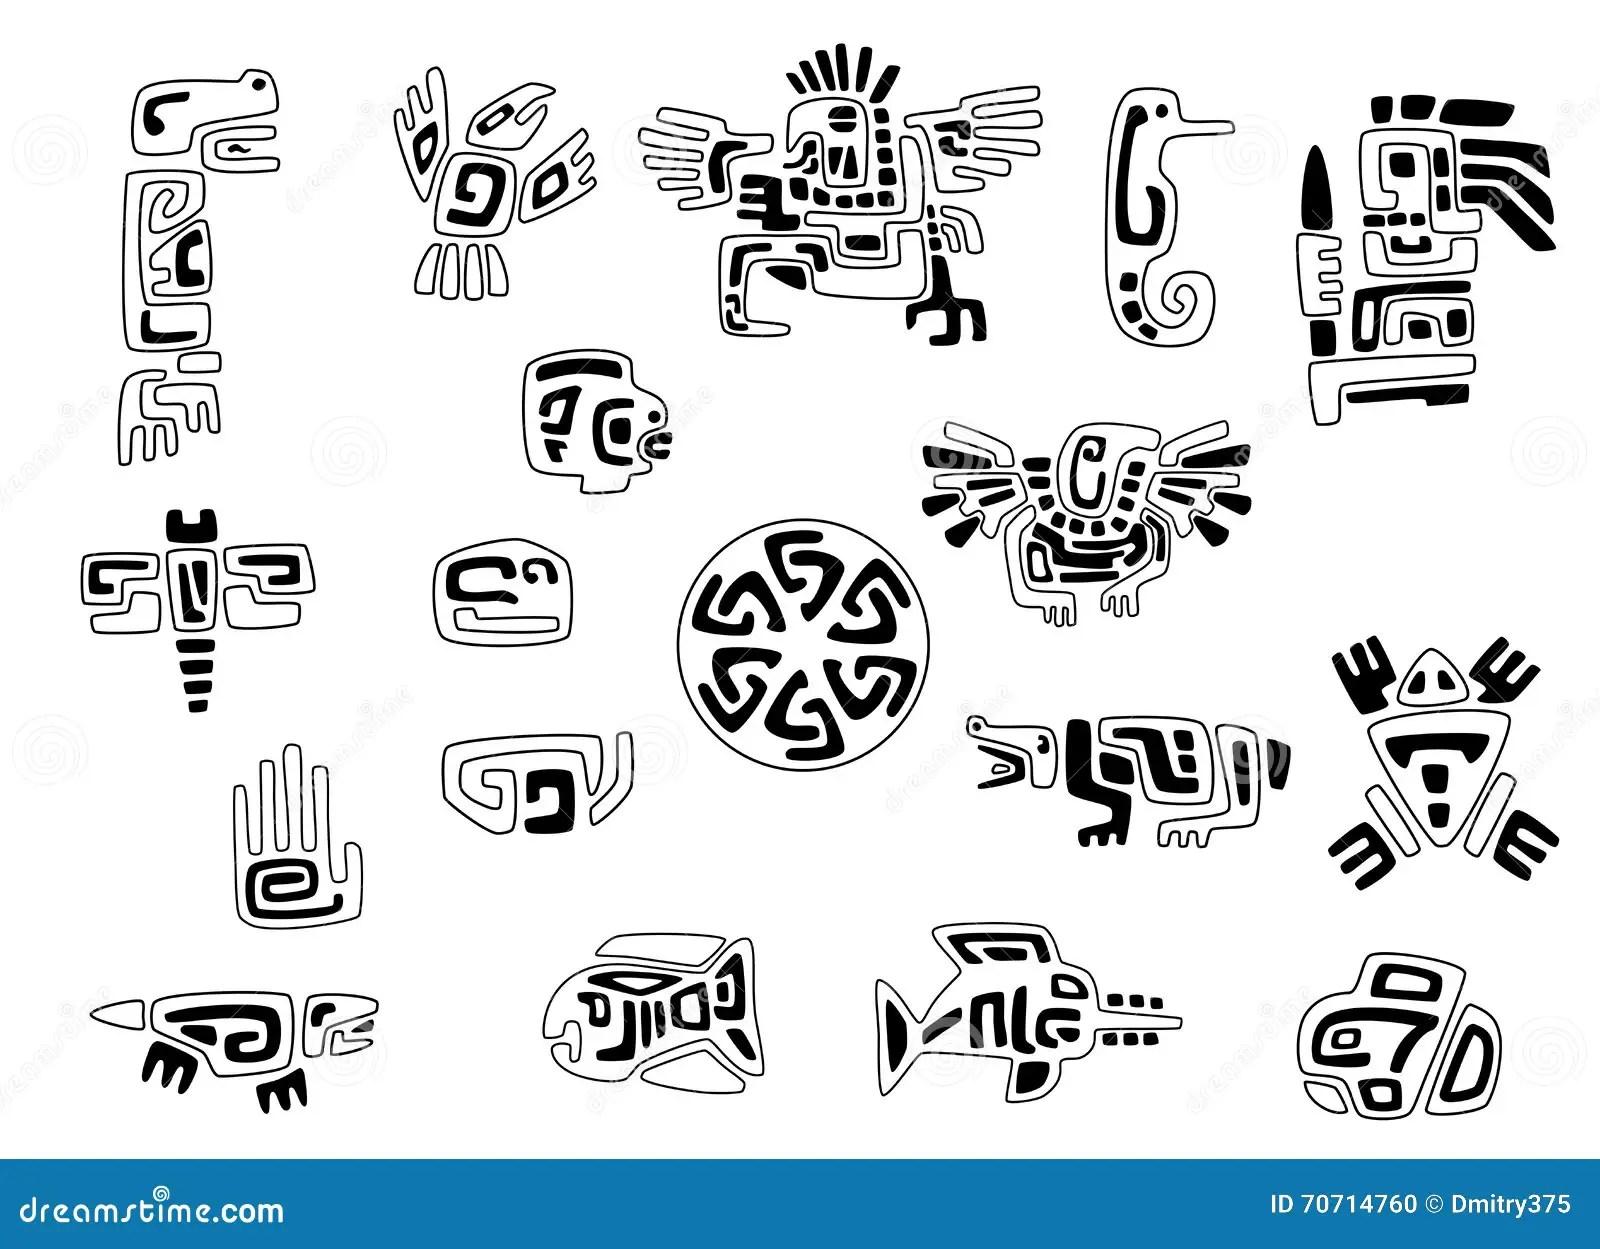 Ensemble De Symboles Stylises De Natif Americain